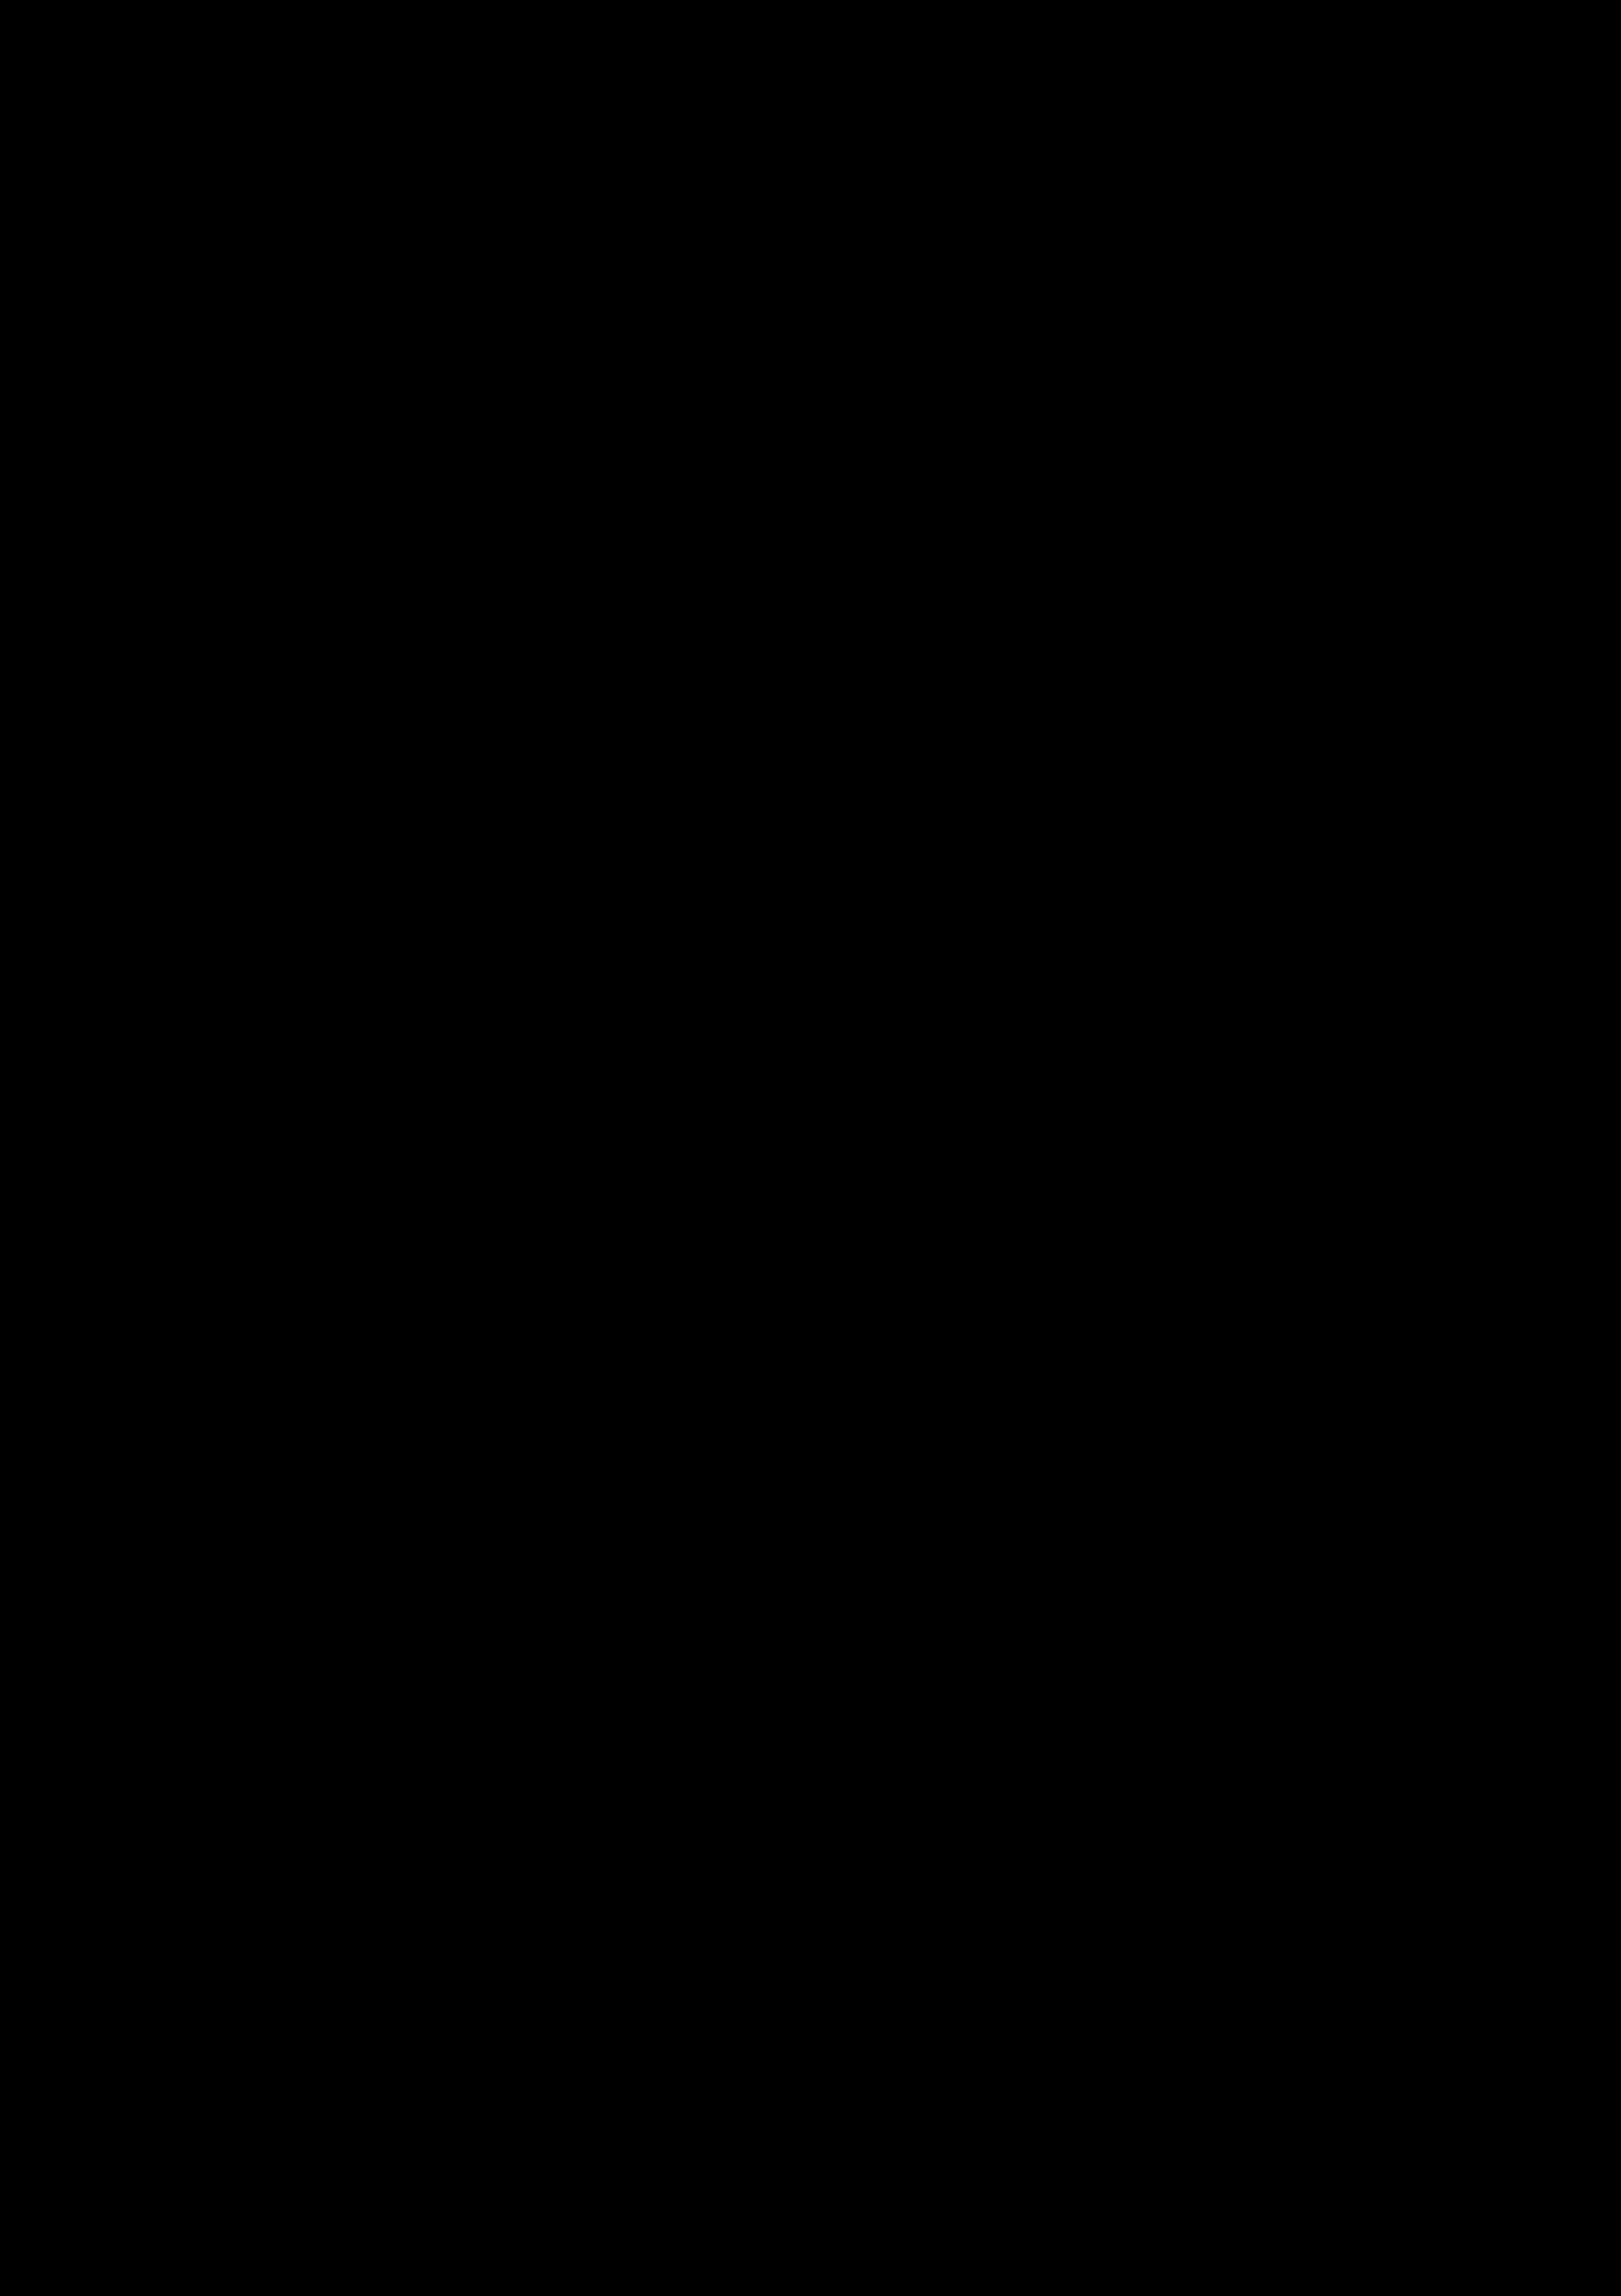 Mohawk girl dating site